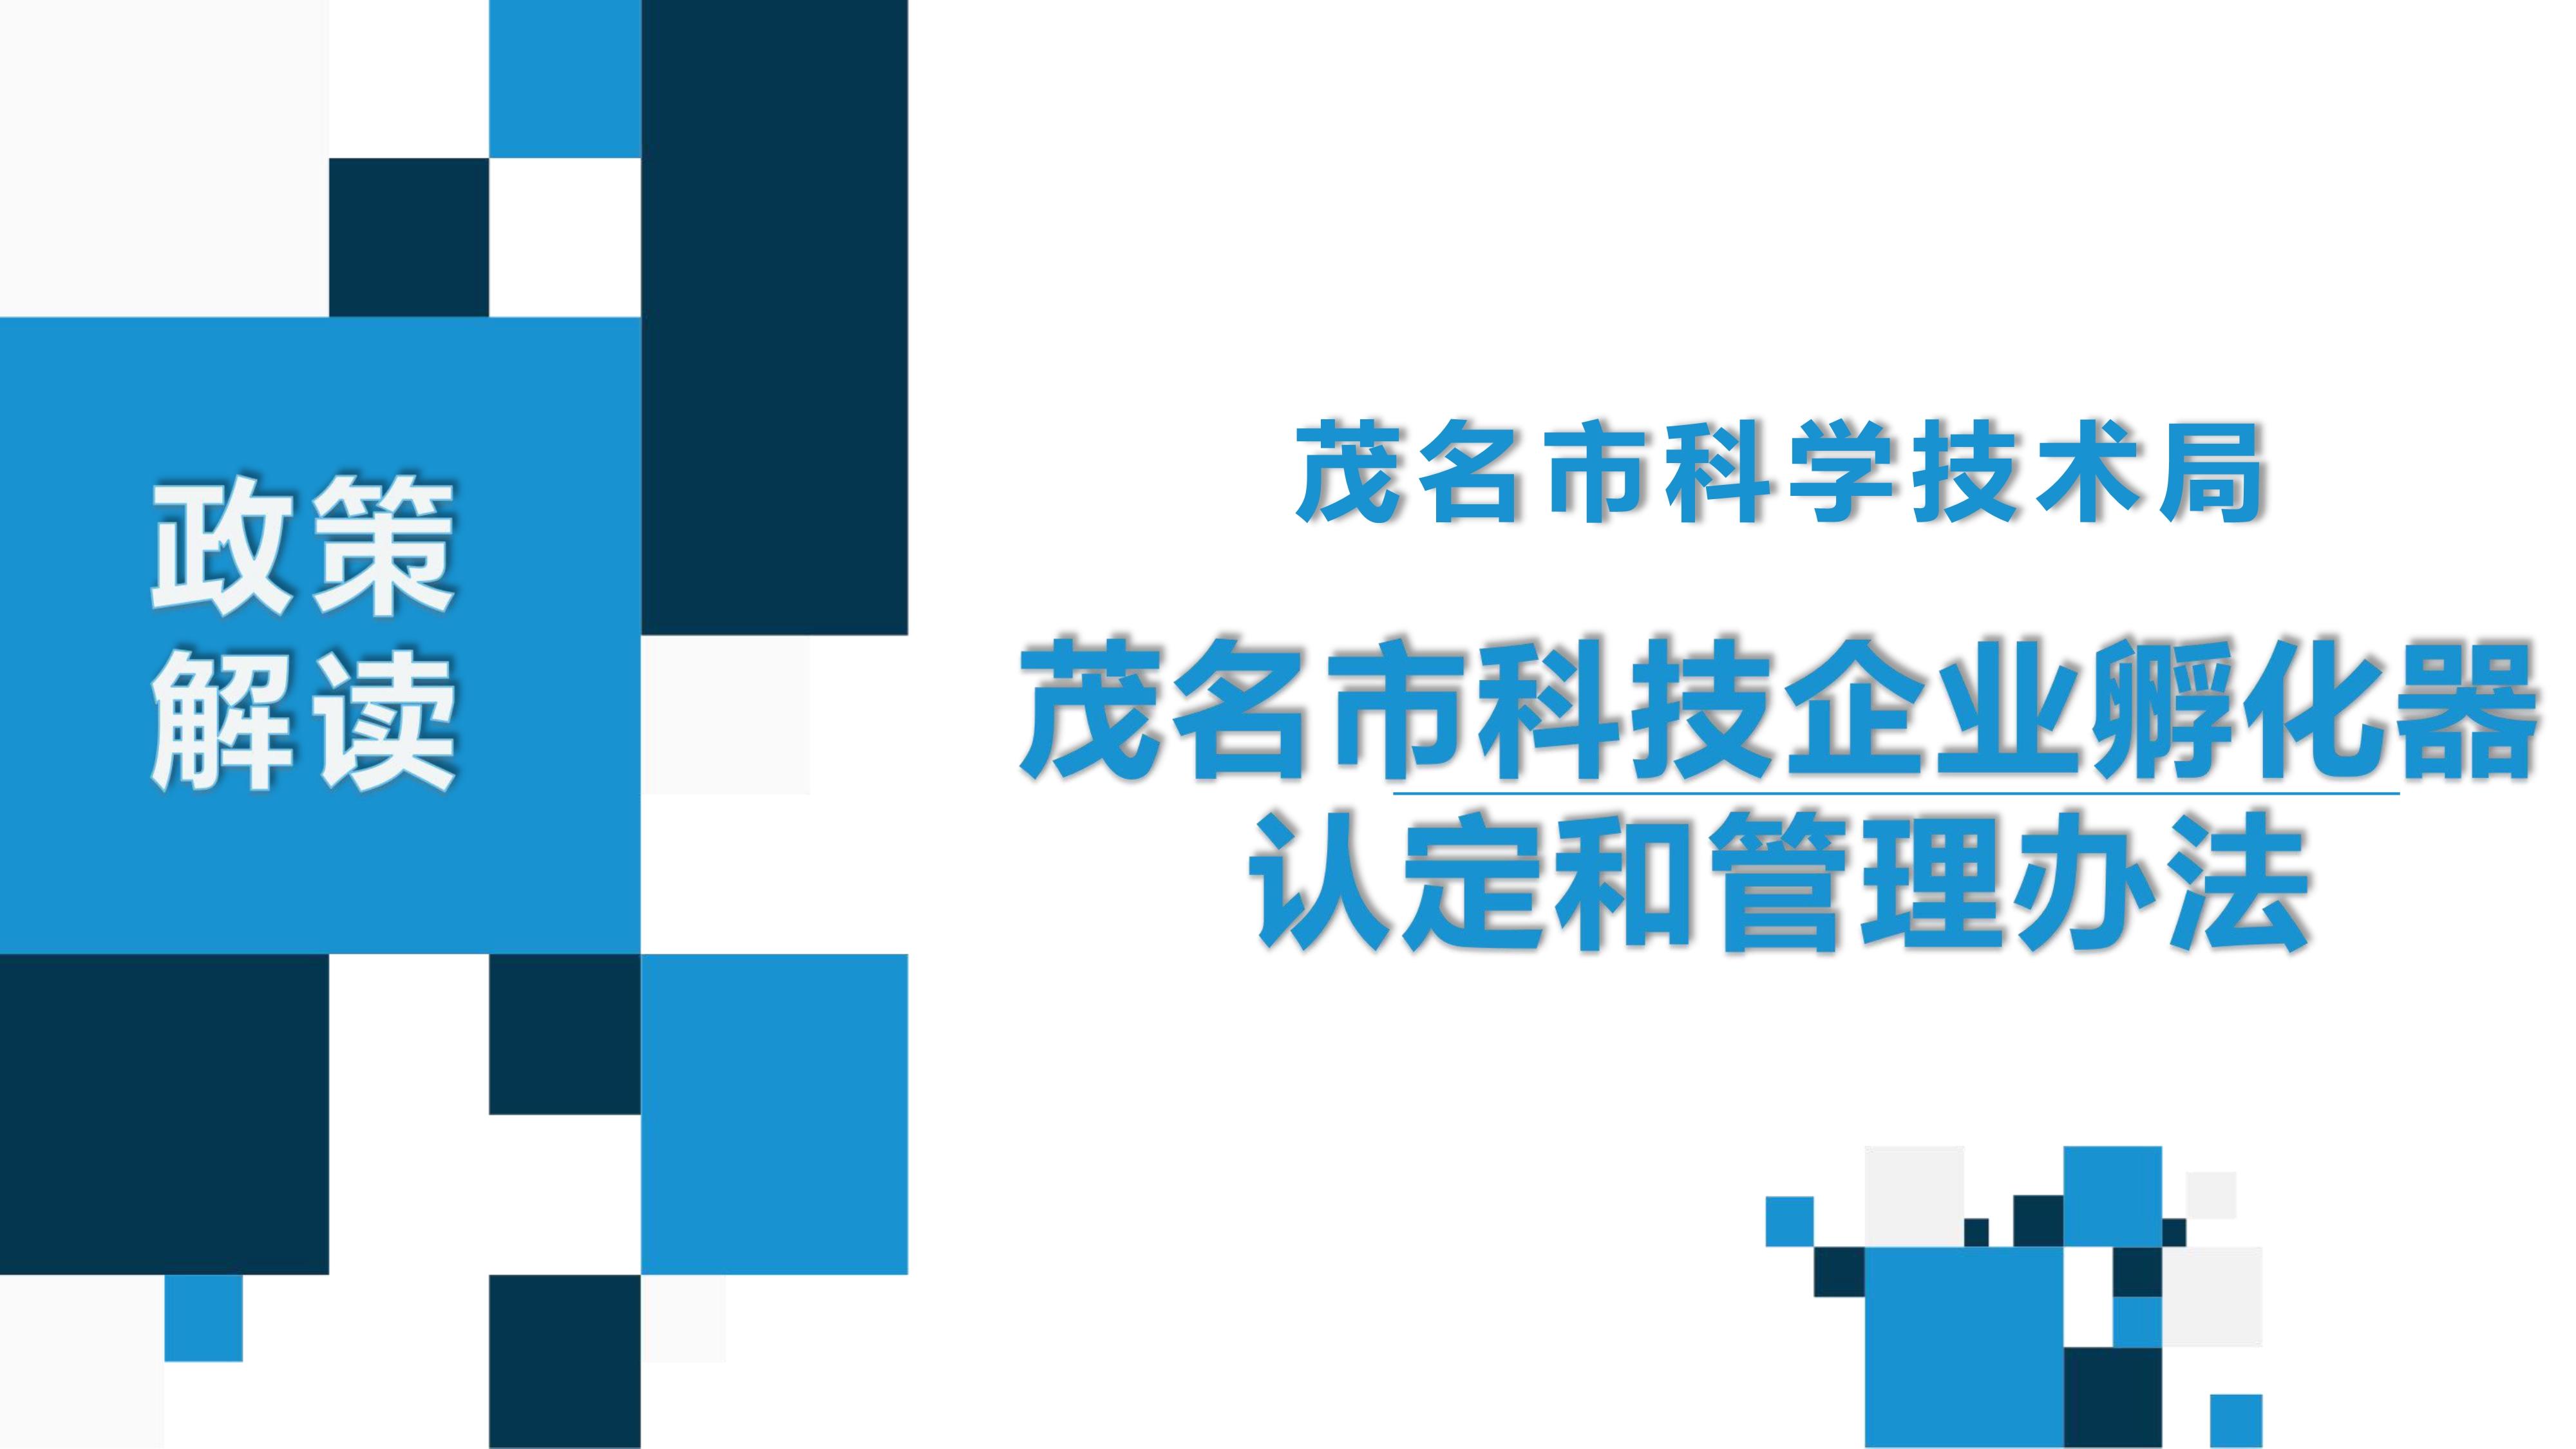 科技企业孵化器认定和管理办法-政策解读_1.jpg